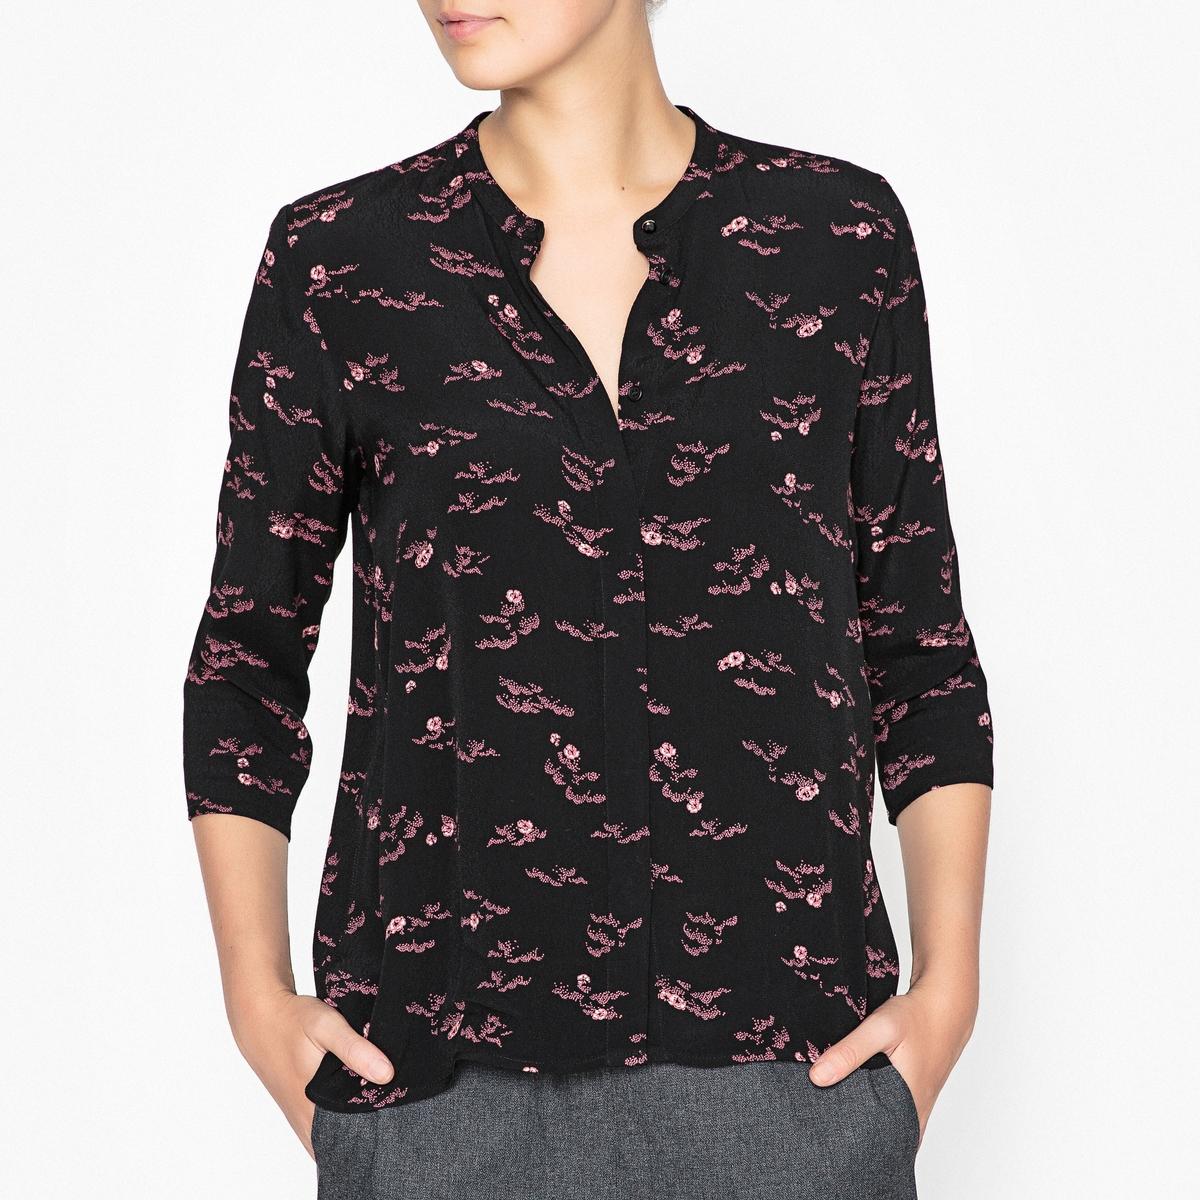 Рубашка с рисунком SIXРубашка с рисунком SESSUN - модель SIX из струящейся ткани с застежкой на пуговицы и рукавами 3/4.Детали •  Длинные рукава •  Прямой покрой  •  Без воротника •  Рисунок-принтСостав и уход •  100% вискоза •  Следуйте советам по уходу, указанным на этикетке<br><br>Цвет: черный